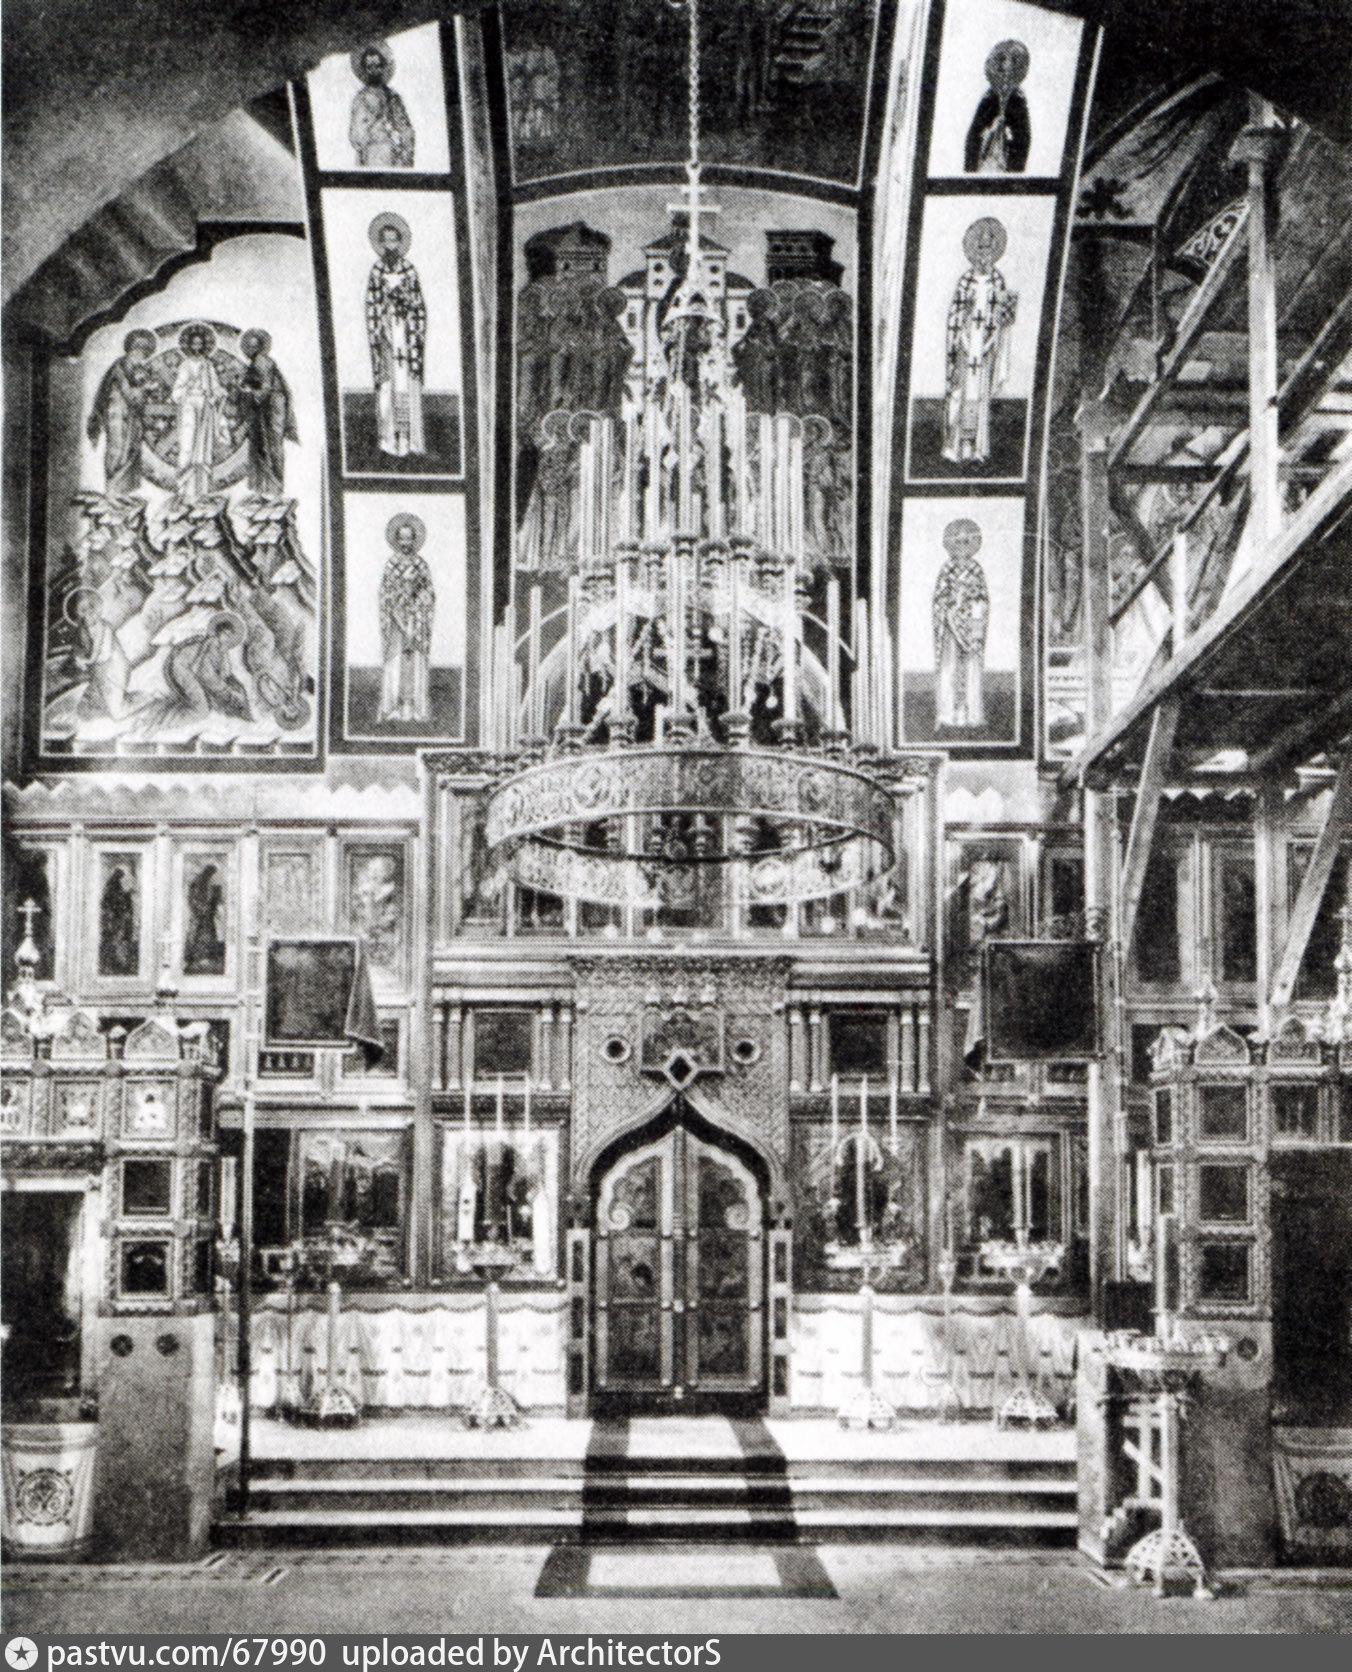 1909 г. Архив ГНИМА им. А. В. Щусева. Источник: https://pastvu.com/p/67990